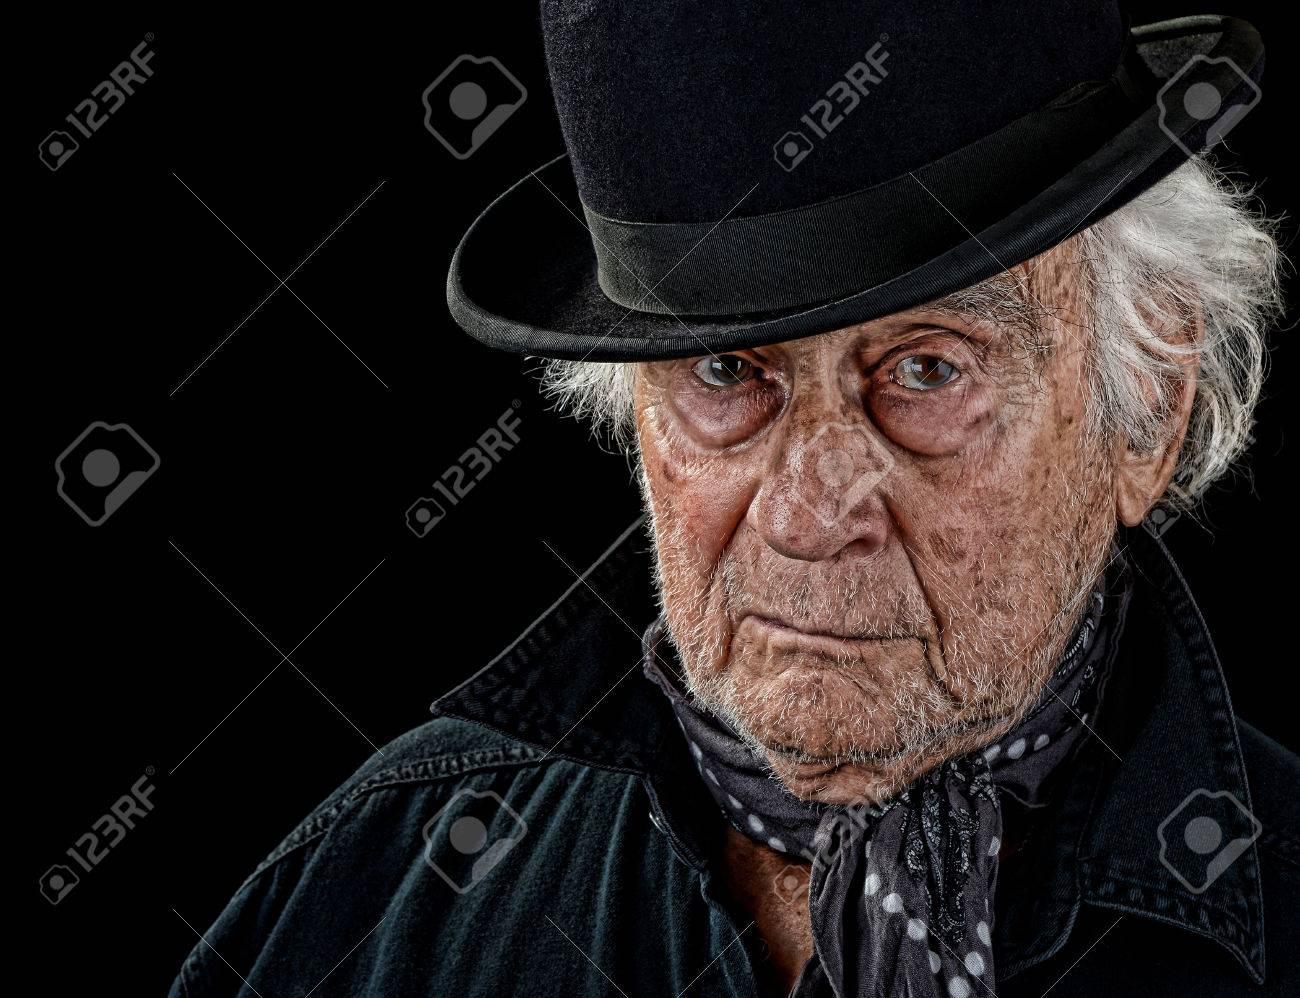 0b912537dda0f Banque d'images - Cru regardant vieil homme avec un manteau noir, écharpe  grise et chapeau melon noir regardant droit dans la caméra isolée sur fond  noir